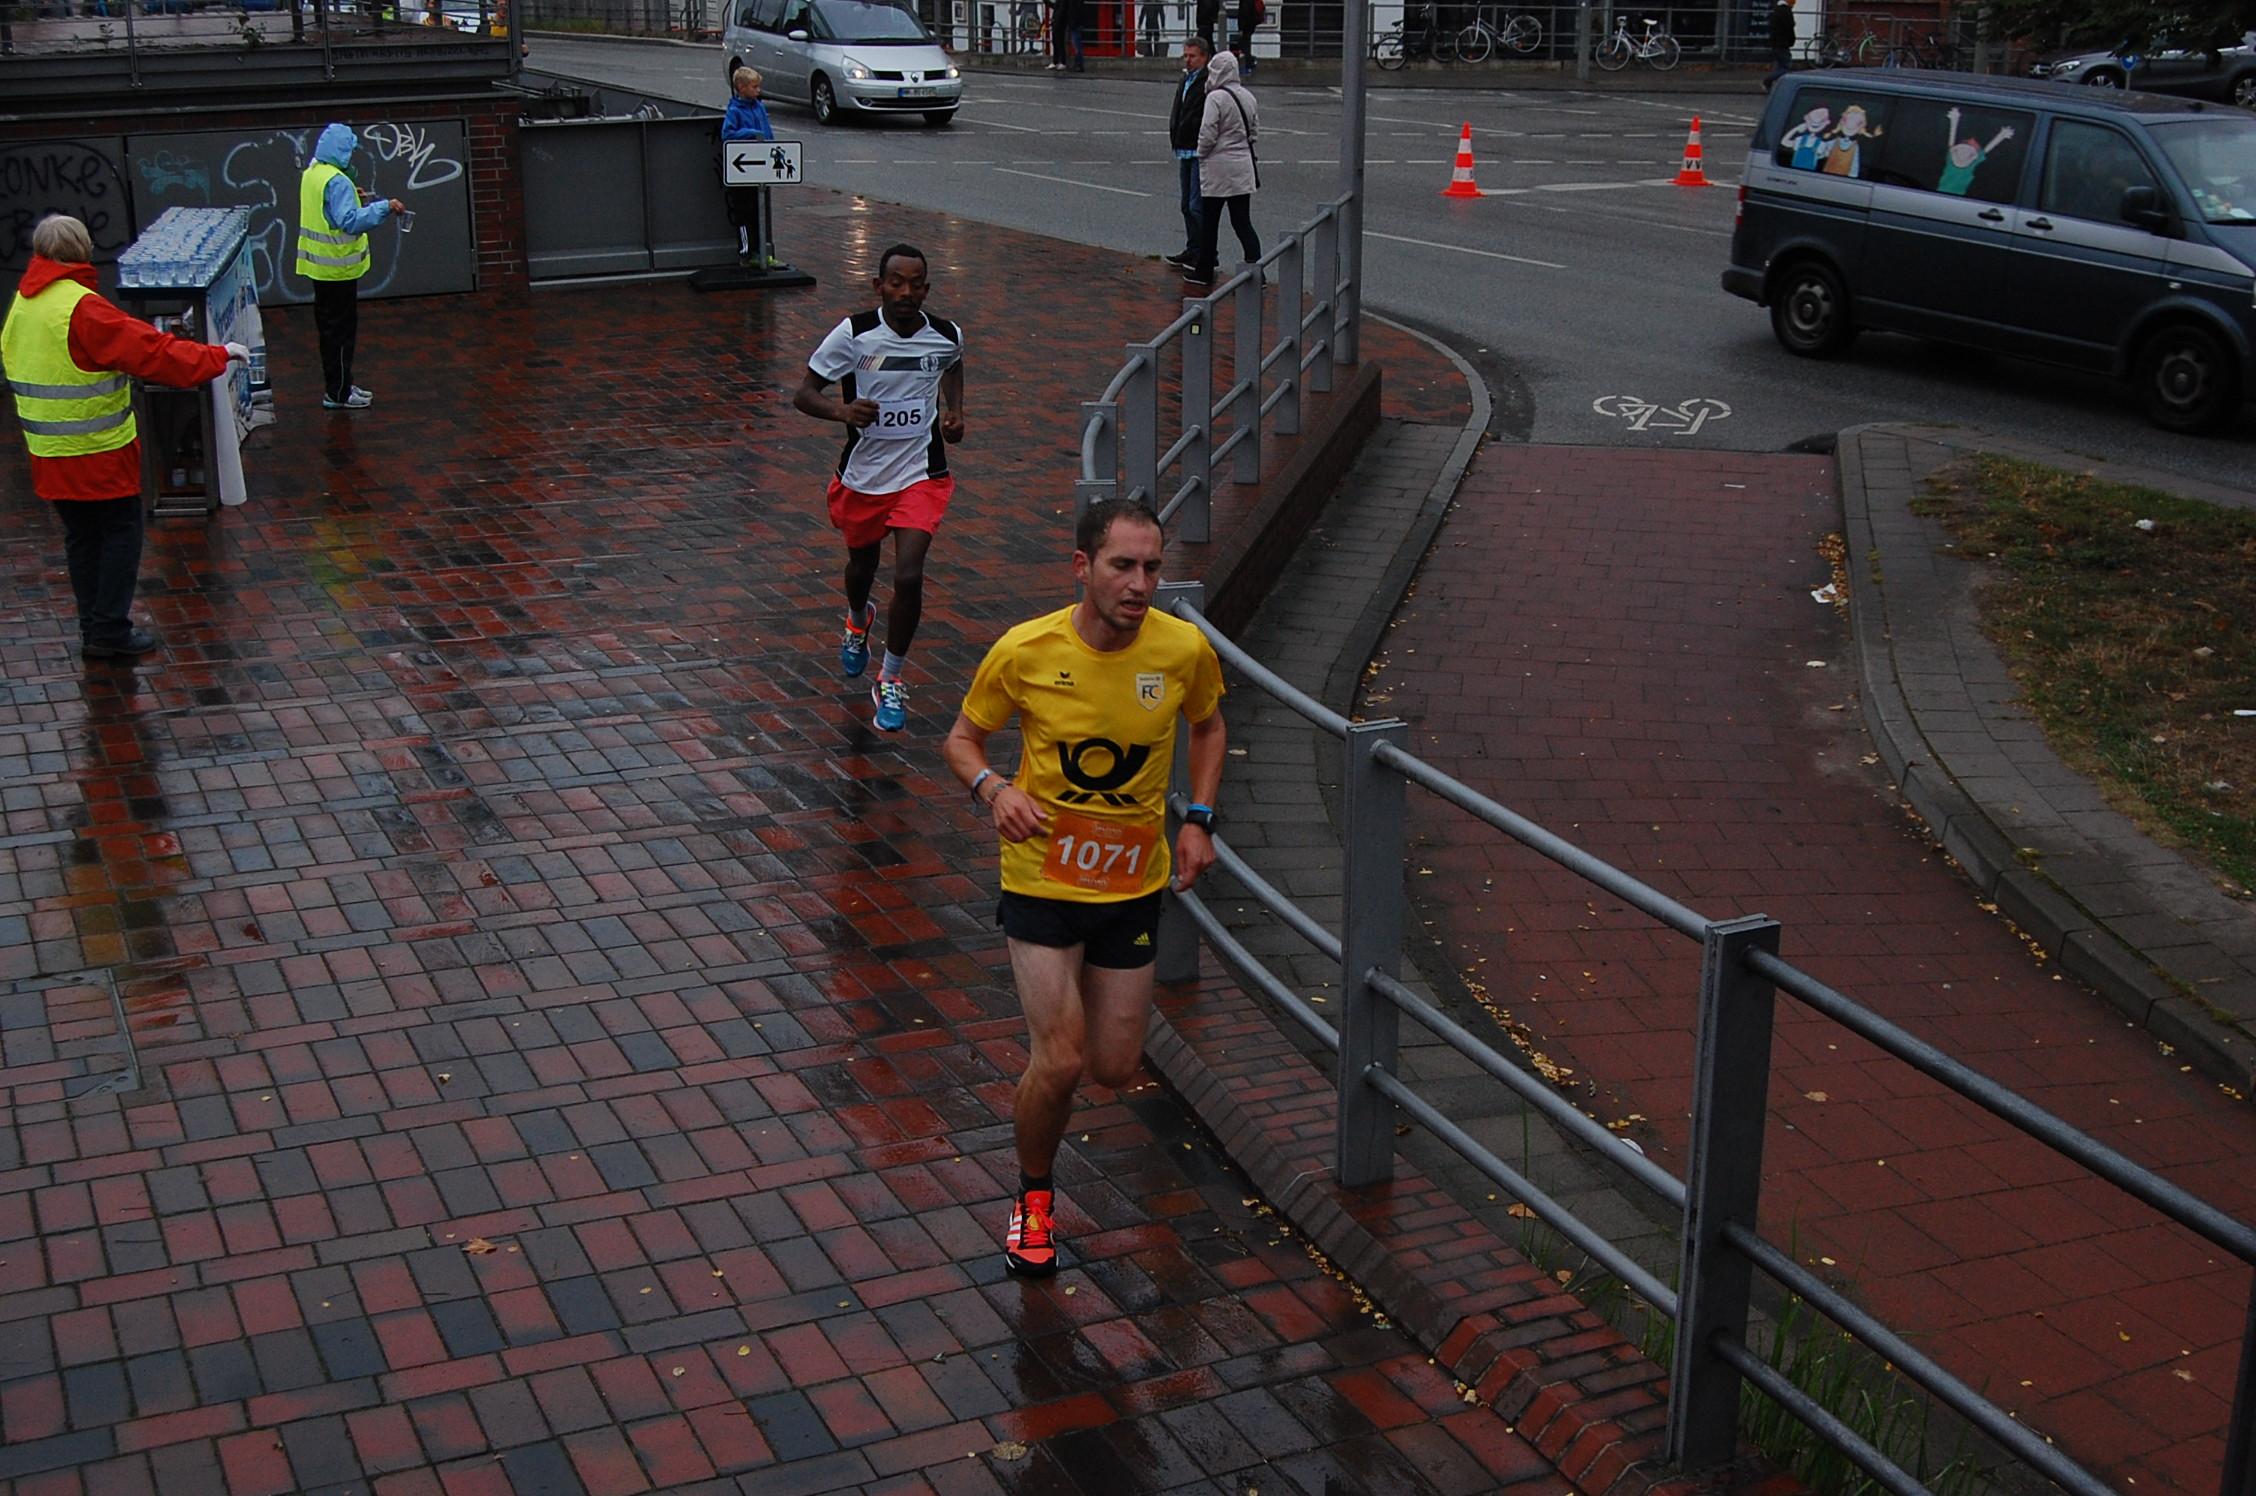 15. Speicherstadtlauf und Deutsche Betriebssportmeisterschaften 10 km: fast alle Läufer Langstrecke ca. km 2,7 (Getränkestand)